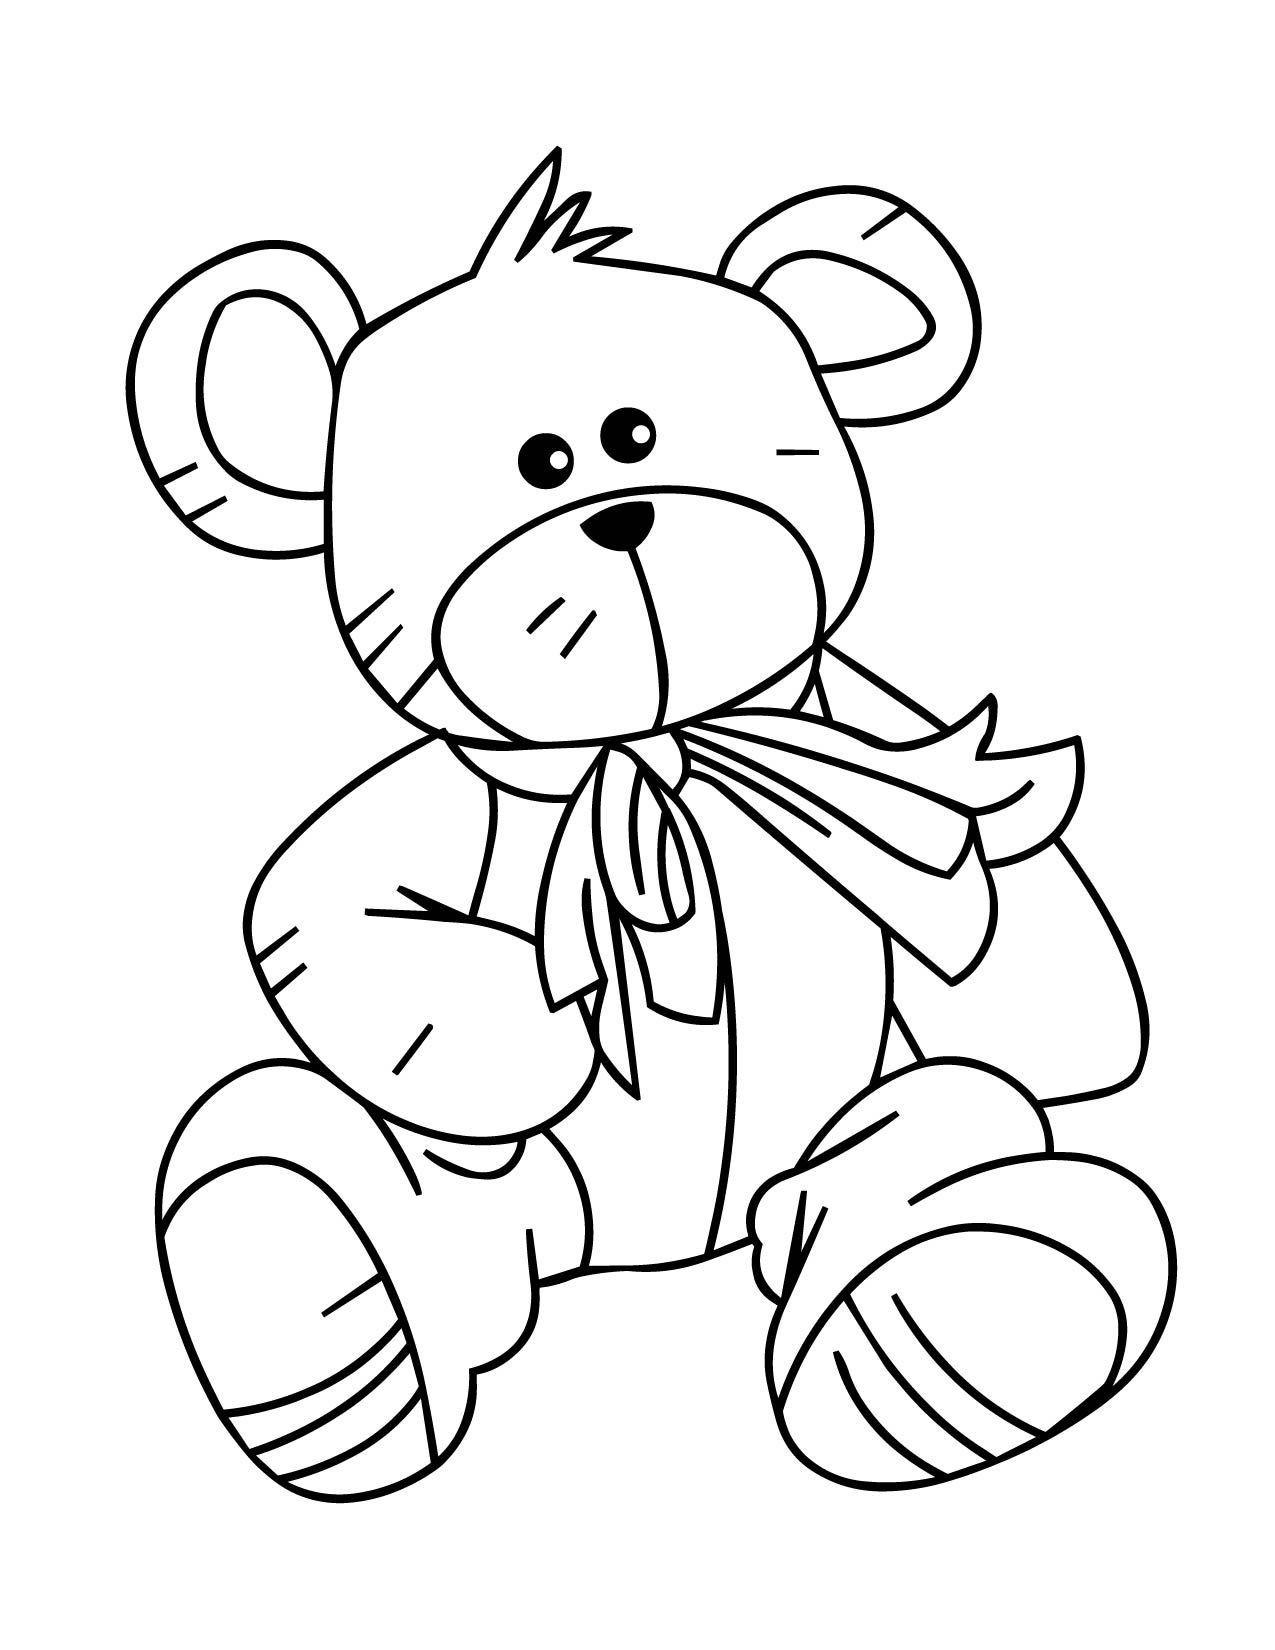 Ausmalbilder Weihnachten Teddy Frisch Einhorn Bilder Zum Drucken New Cooloring Book Teddy Bear Bild